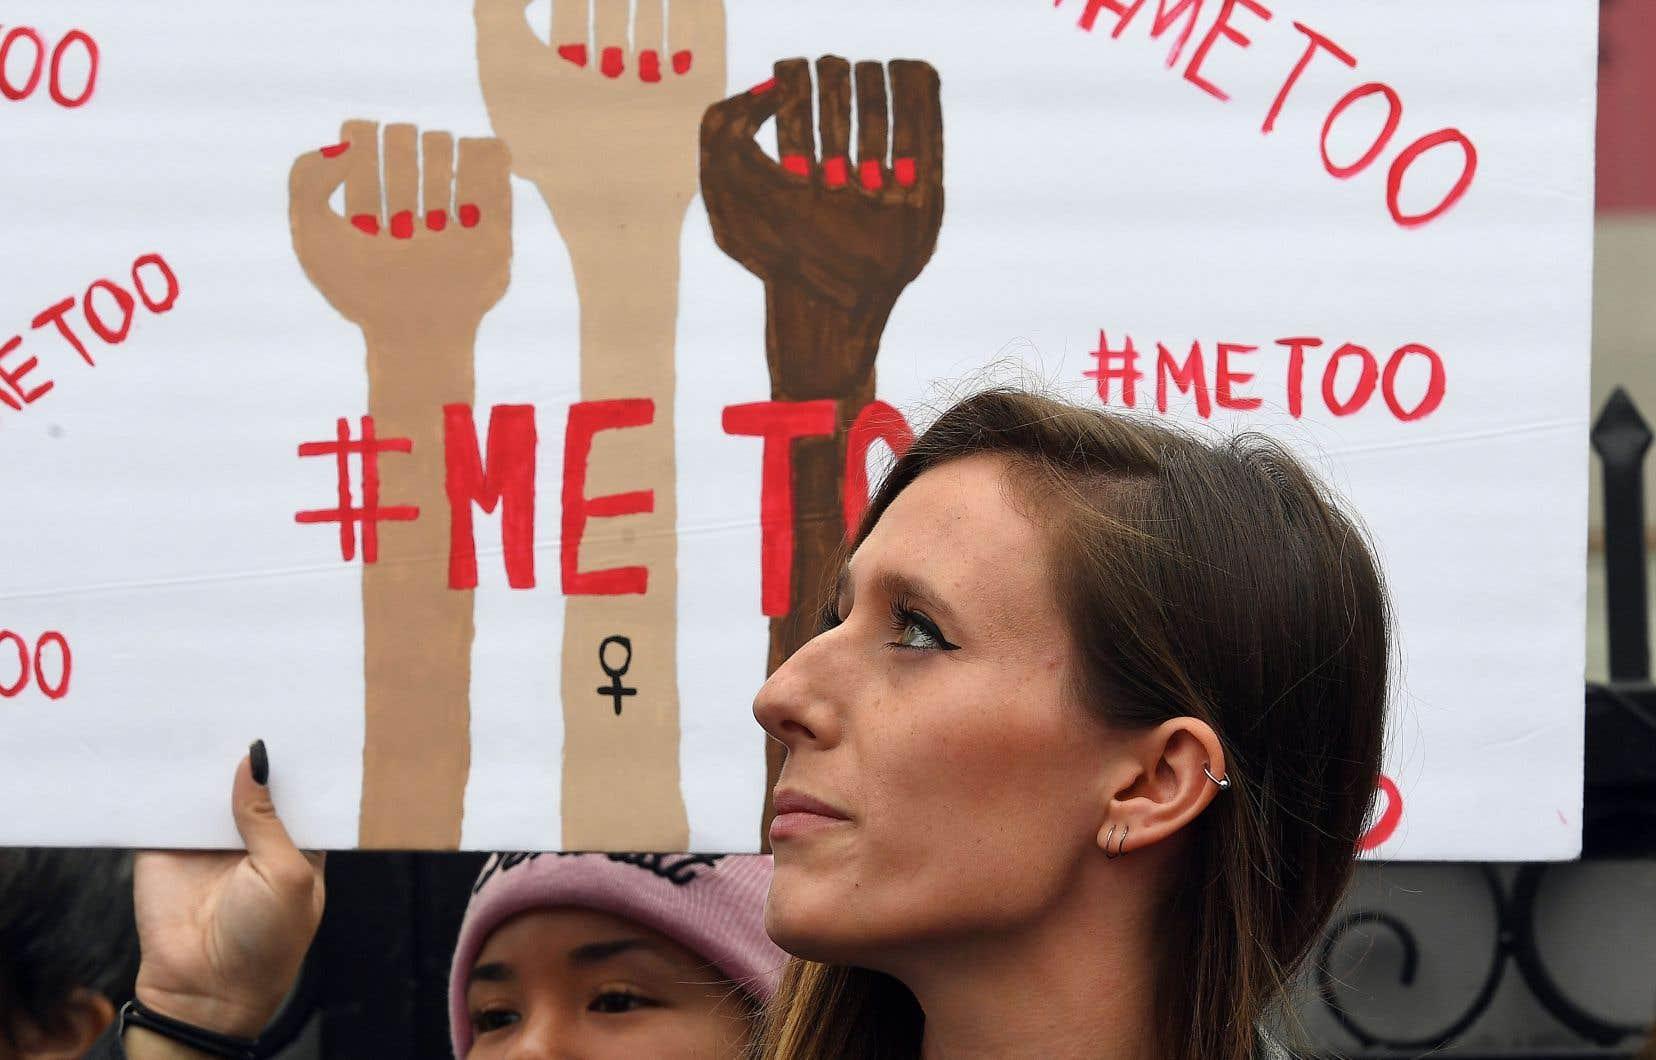 Depuis l'affaire Weinstein, il y a un an, une vague de dénonciations des agressions sexuelles a secoué la planète.